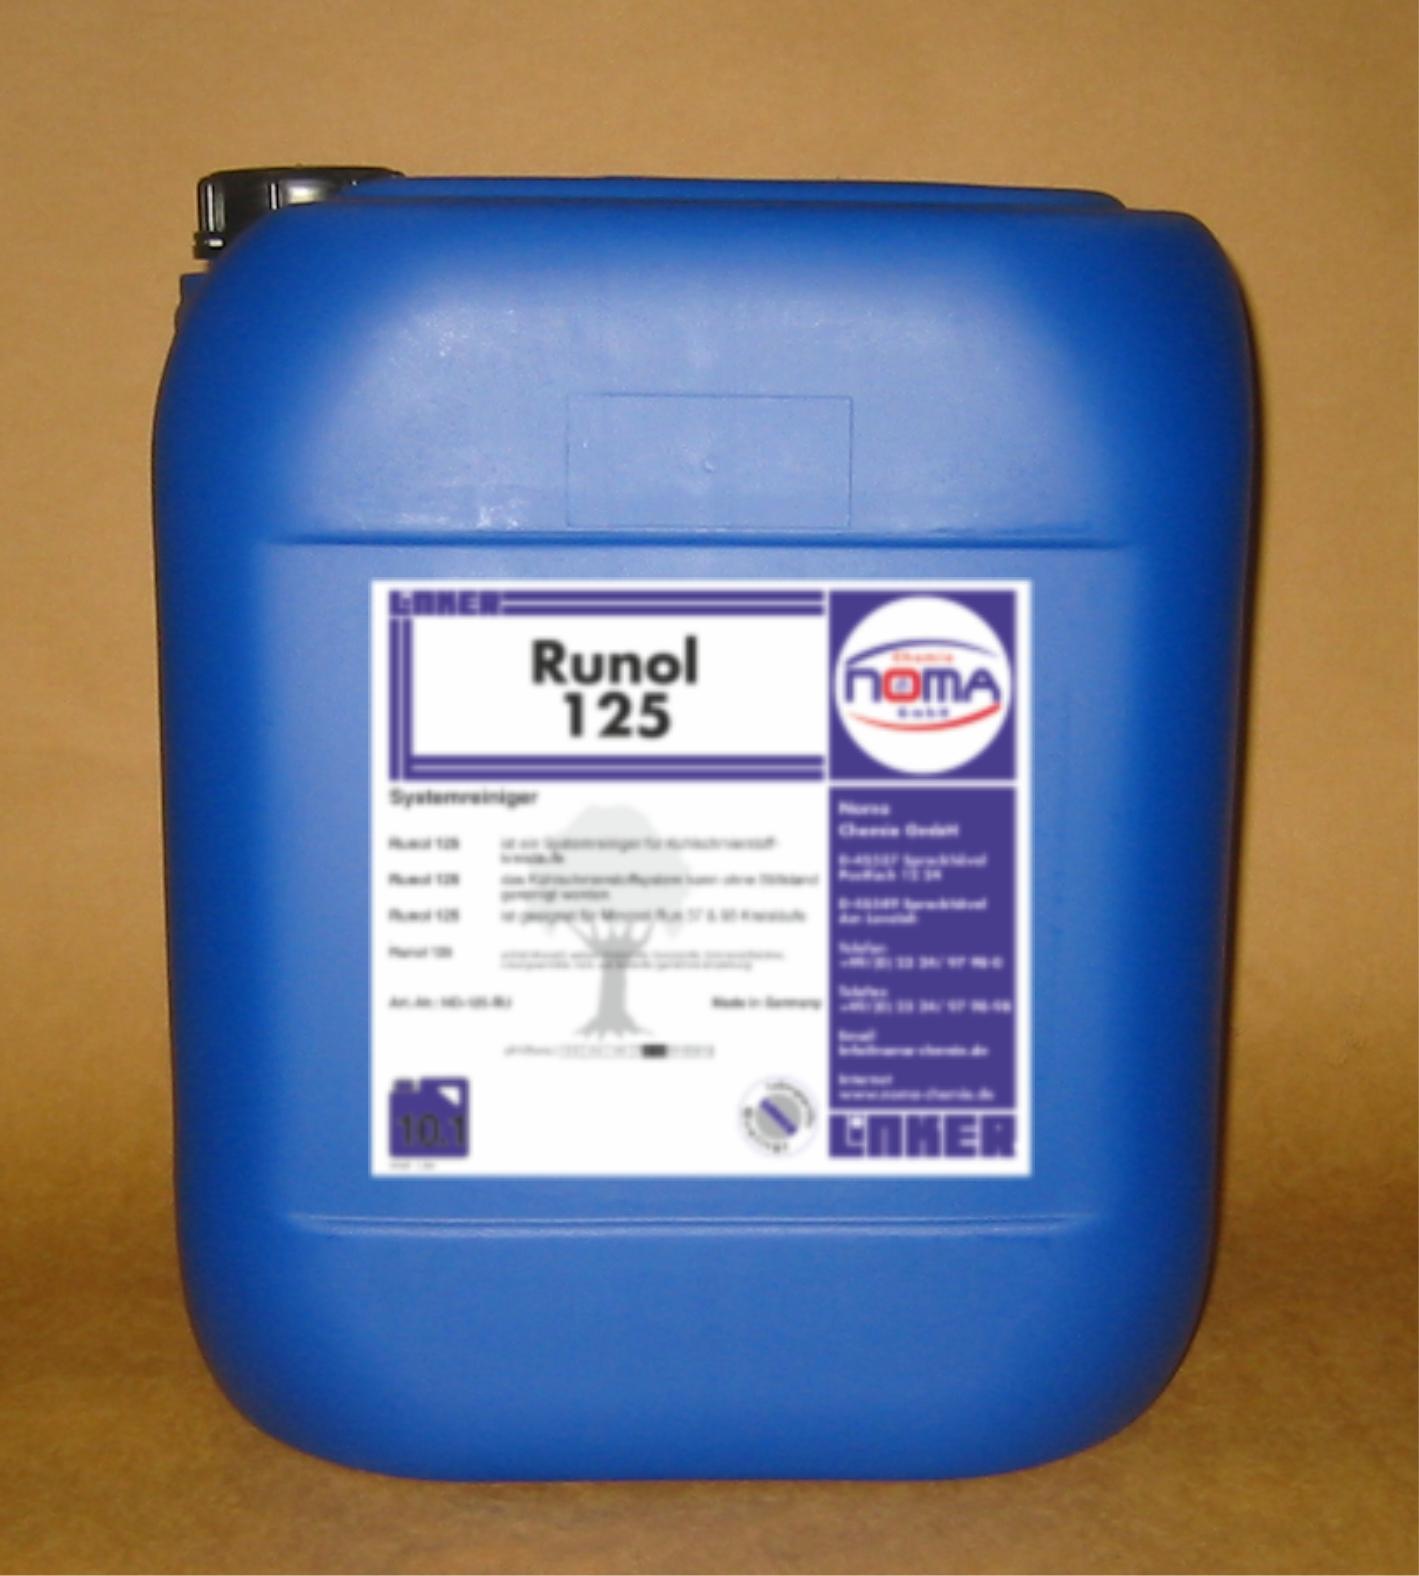 Ranol 125, Noma Chemie, Industriereiniger, Kuehlschmierstoffel